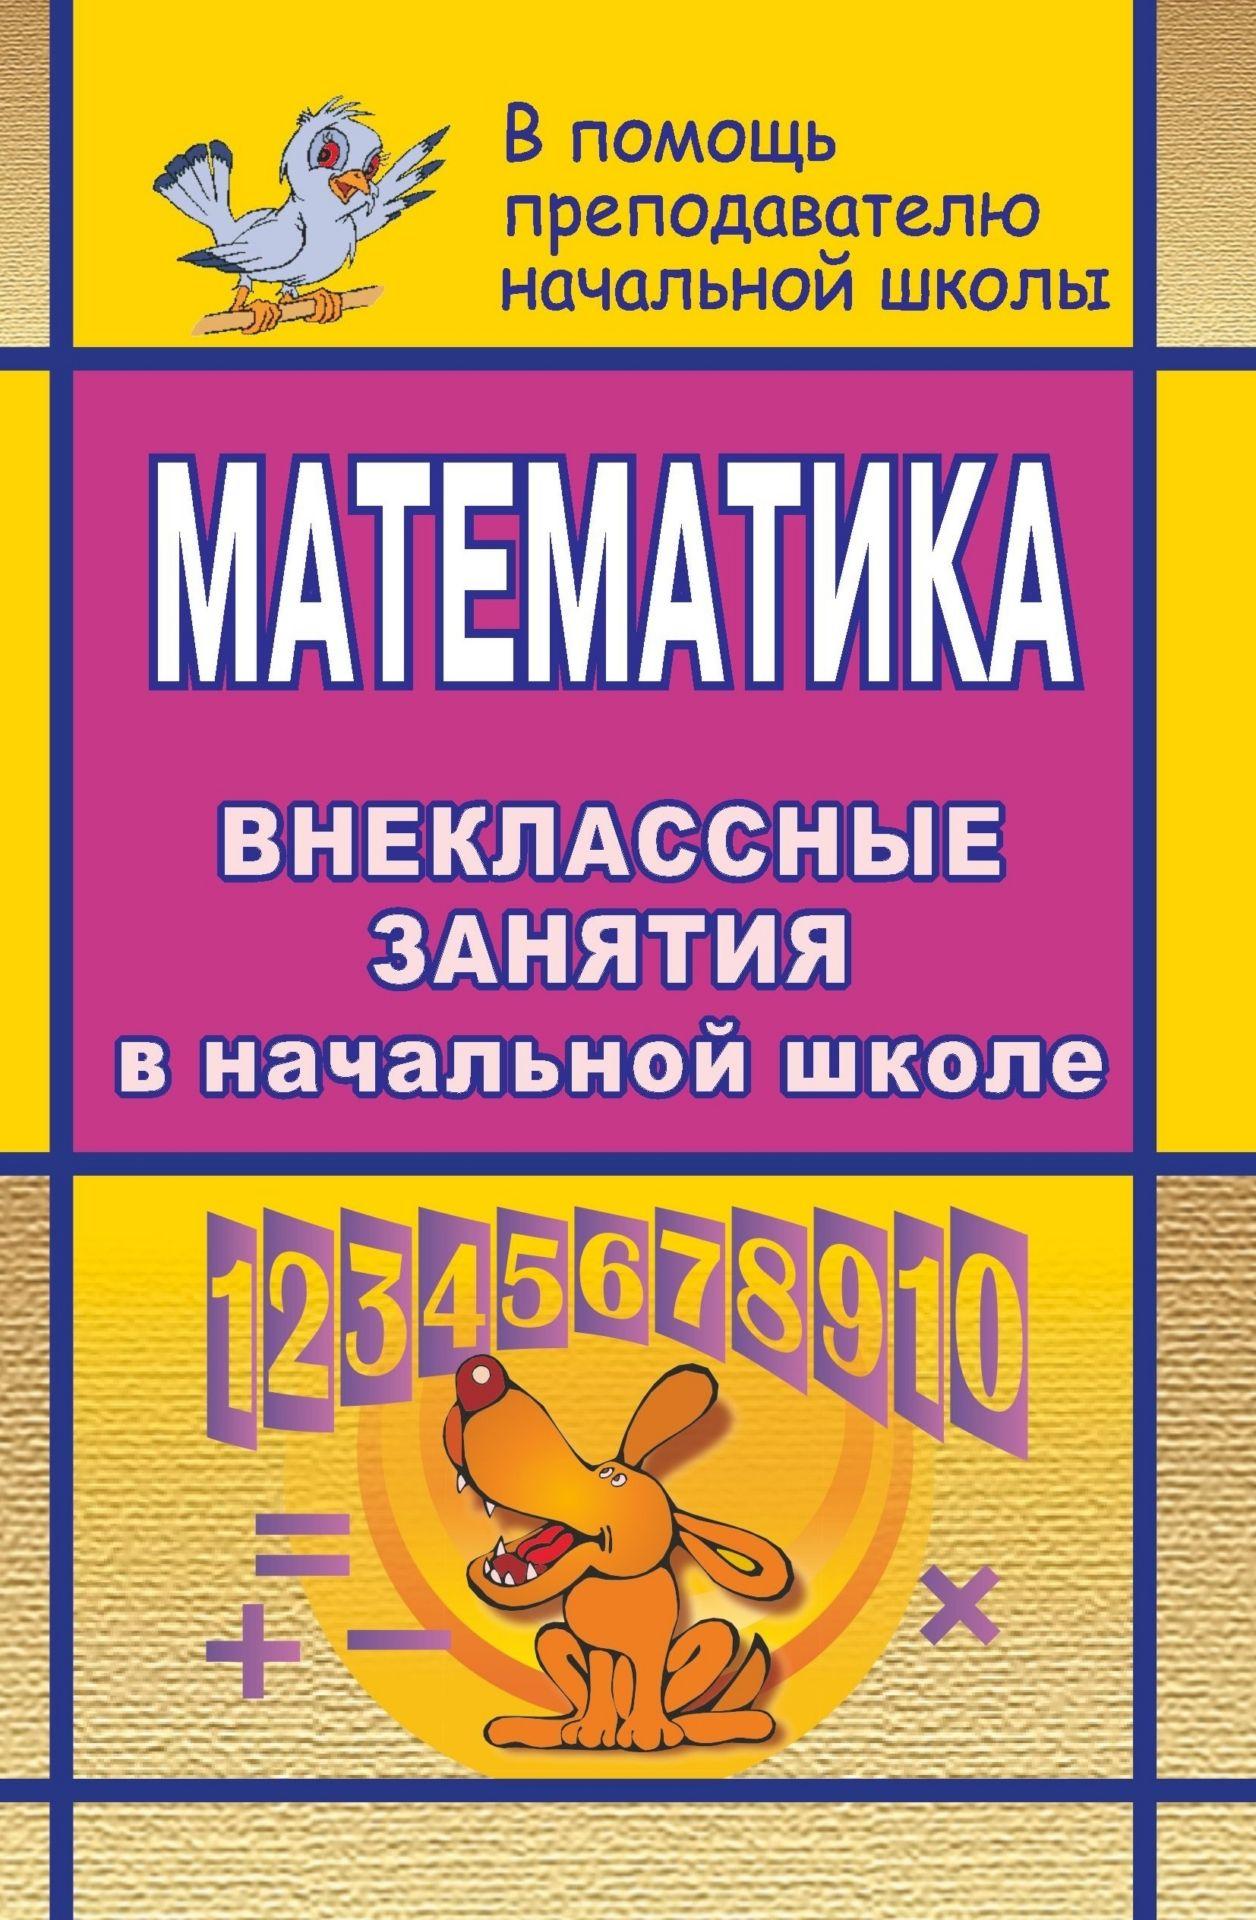 Математика. Внеклассные занятия в начальной школеПредметы<br>Предлагаемое пособие содержит внеклассные занятия по математике для младших школьников, которые представлены в интересной и доступной форме. Каждое занятие наполнено богатым историческим материалом, большим количеством заданий, способствующих развитию поз...<br><br>Авторы: Дьячкова Г. Т.<br>Год: 2007<br>Серия: В помощь преподавателю начальной школы<br>ISBN: 5-7057-1055-0<br>Высота: 213<br>Ширина: 138<br>Толщина: 7